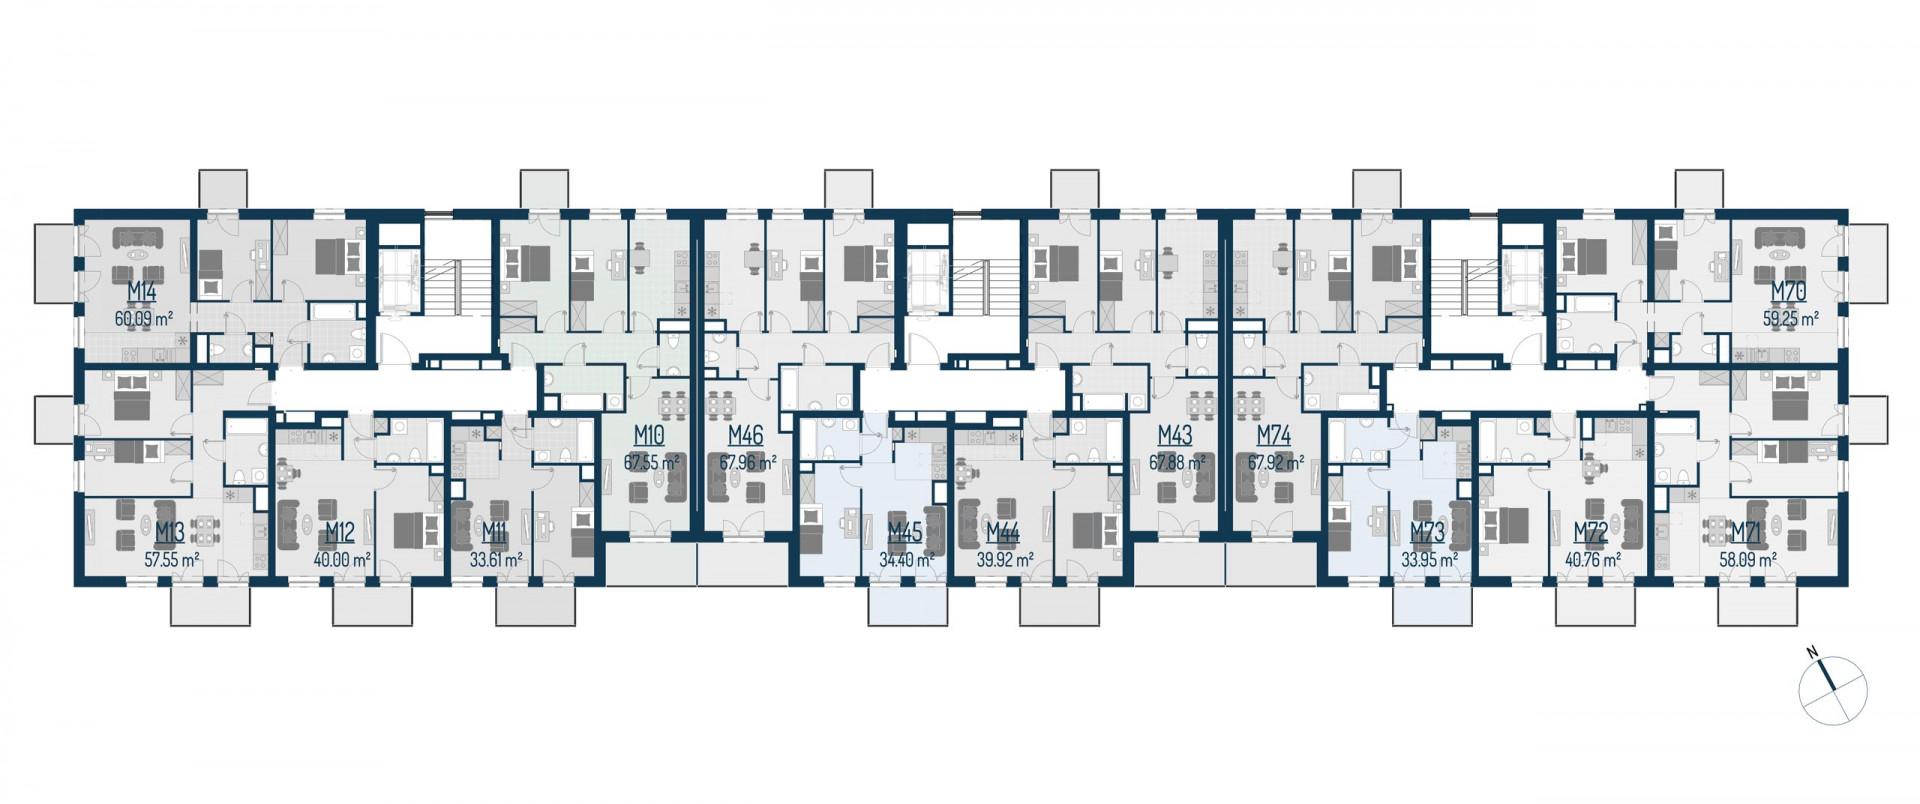 Zdrowe Stylove / budynek 1 / mieszkanie nr M74 rzut 2